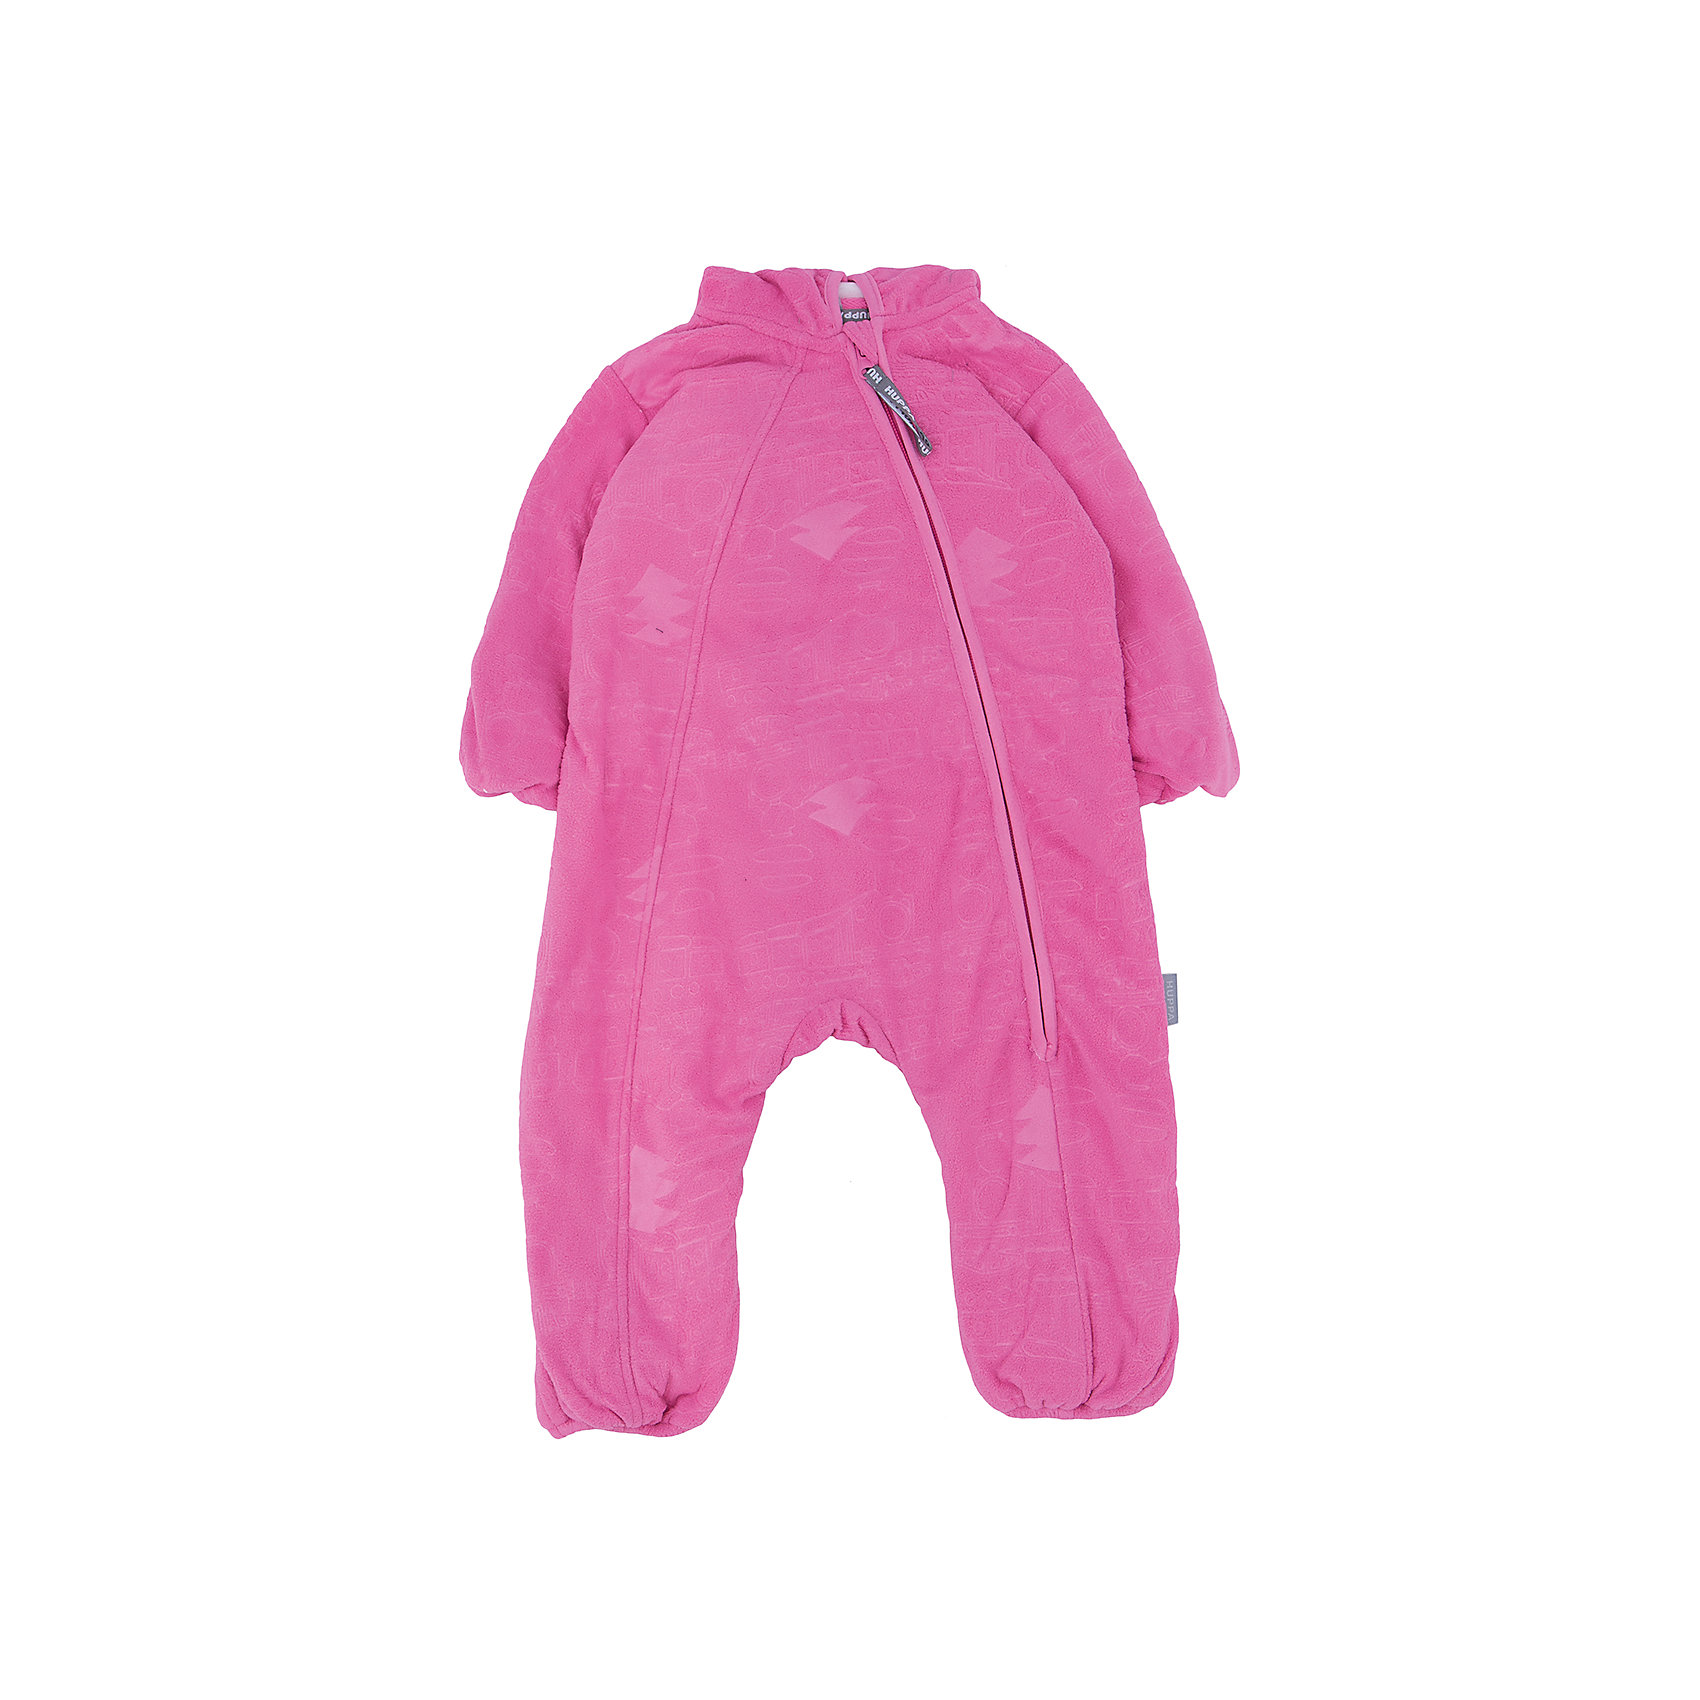 Комбинезон флисовый для девочки HuppaКомбинезоны<br>Флисовый комбинезон DANDY Huppa(Хуппа) имеет капюшон и застегивается на молнию по диагонали. На манжетах и талии есть резинки, надежно защищающие малыша от попадания ветра под одежду. Комбинезон достаточно теплый, хорошо сидит по фигуре и отлично подойдет в качестве промежуточного слоя в одежде в зимнее время или как верхняя одежда весной-осенью.<br><br>Дополнительная информация:<br>Материал: 100% полиэстер<br>Цвет: розовый<br><br>Флисовый комбинезон DANDY Huppa(Хуппа) вы можете приобрести в нашем интернет-магазине<br><br>Ширина мм: 356<br>Глубина мм: 10<br>Высота мм: 245<br>Вес г: 519<br>Цвет: розовый<br>Возраст от месяцев: 12<br>Возраст до месяцев: 18<br>Пол: Женский<br>Возраст: Детский<br>Размер: 86,62,68,74,80<br>SKU: 4928580